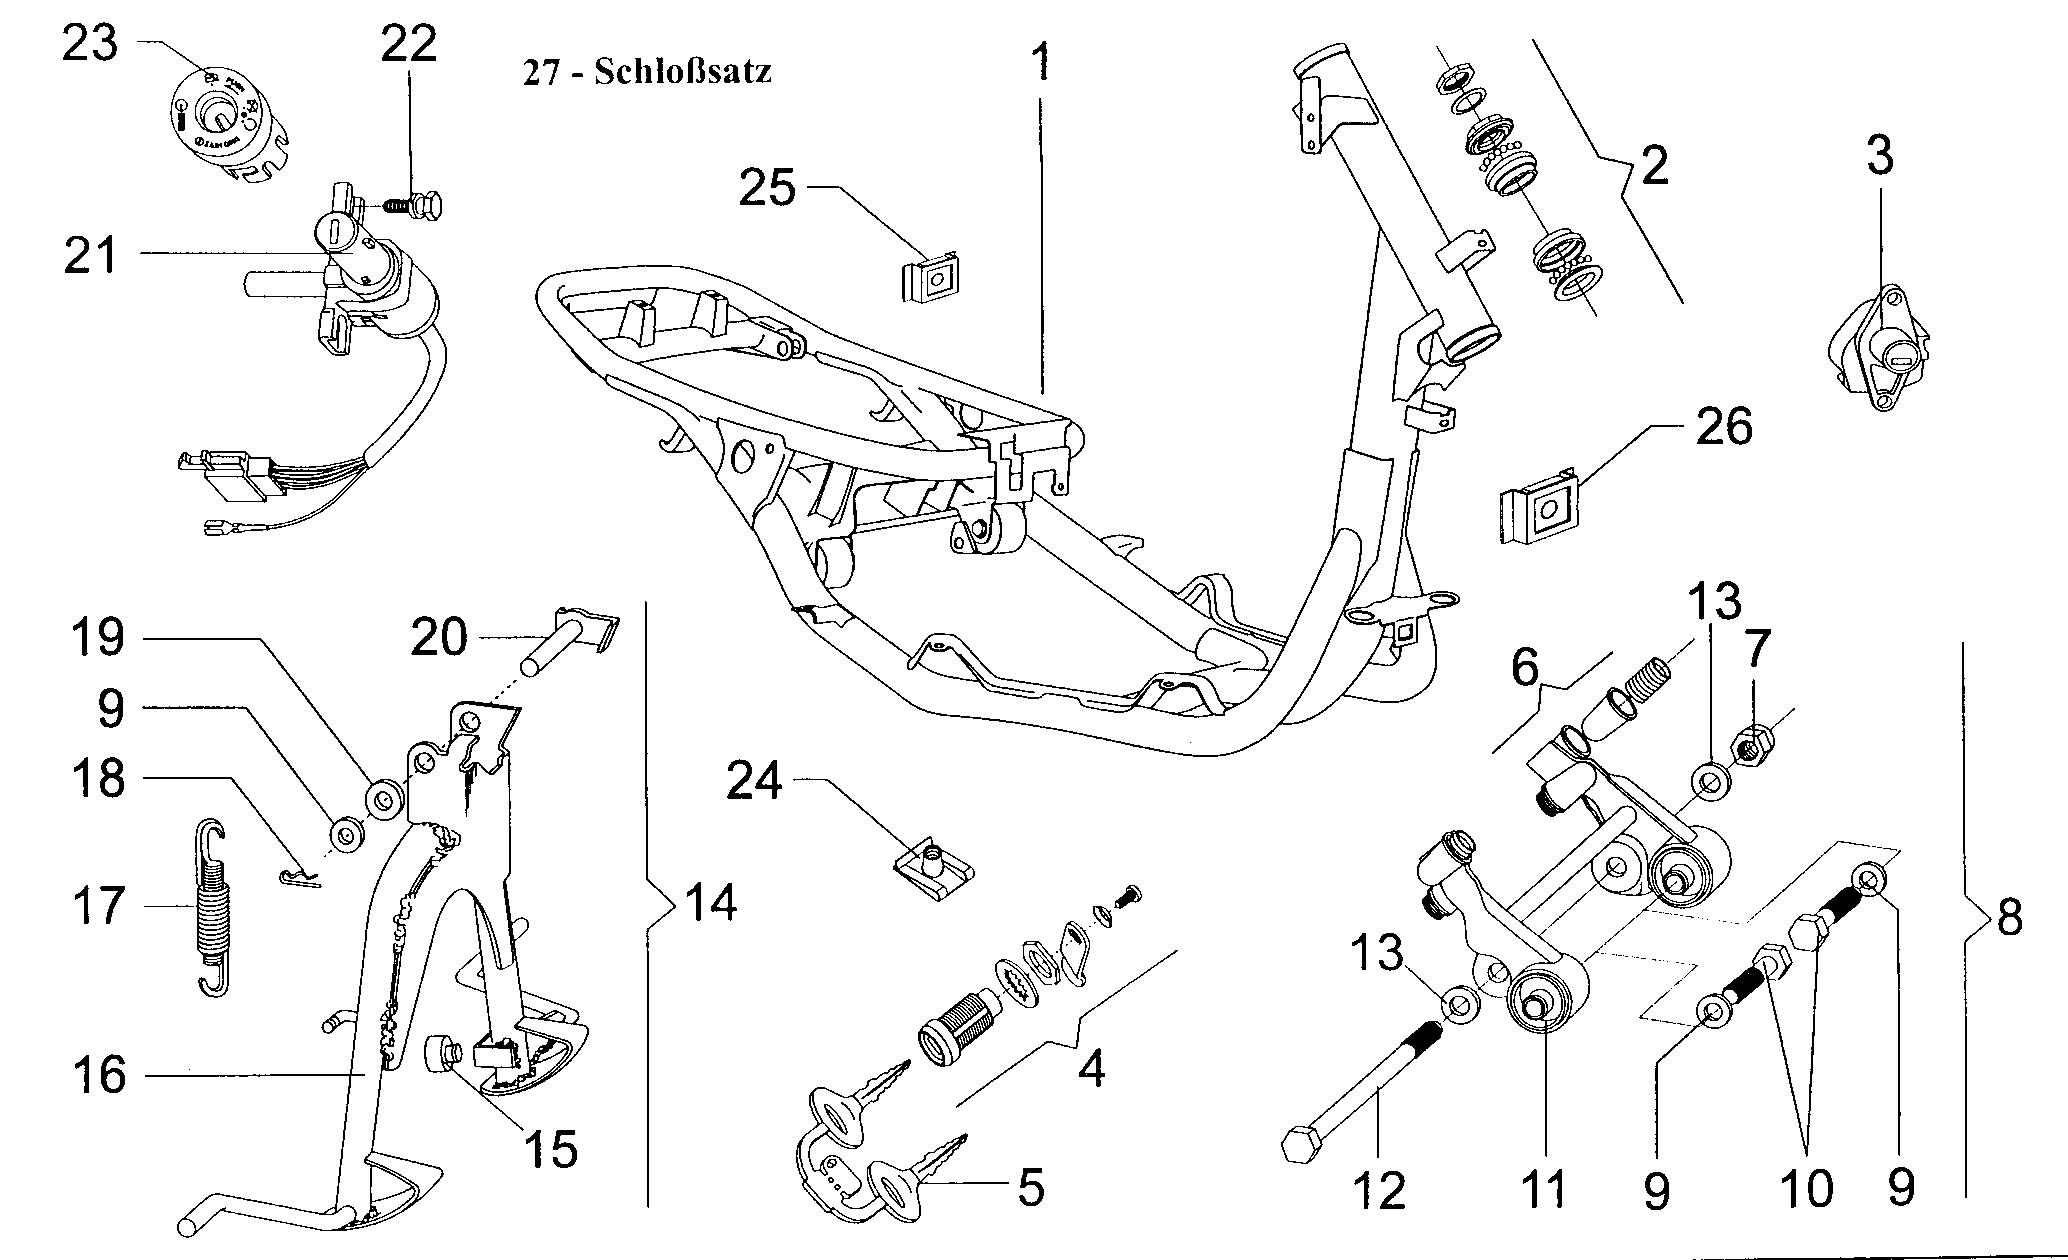 Rahmen / Schloßsatz / Ständer